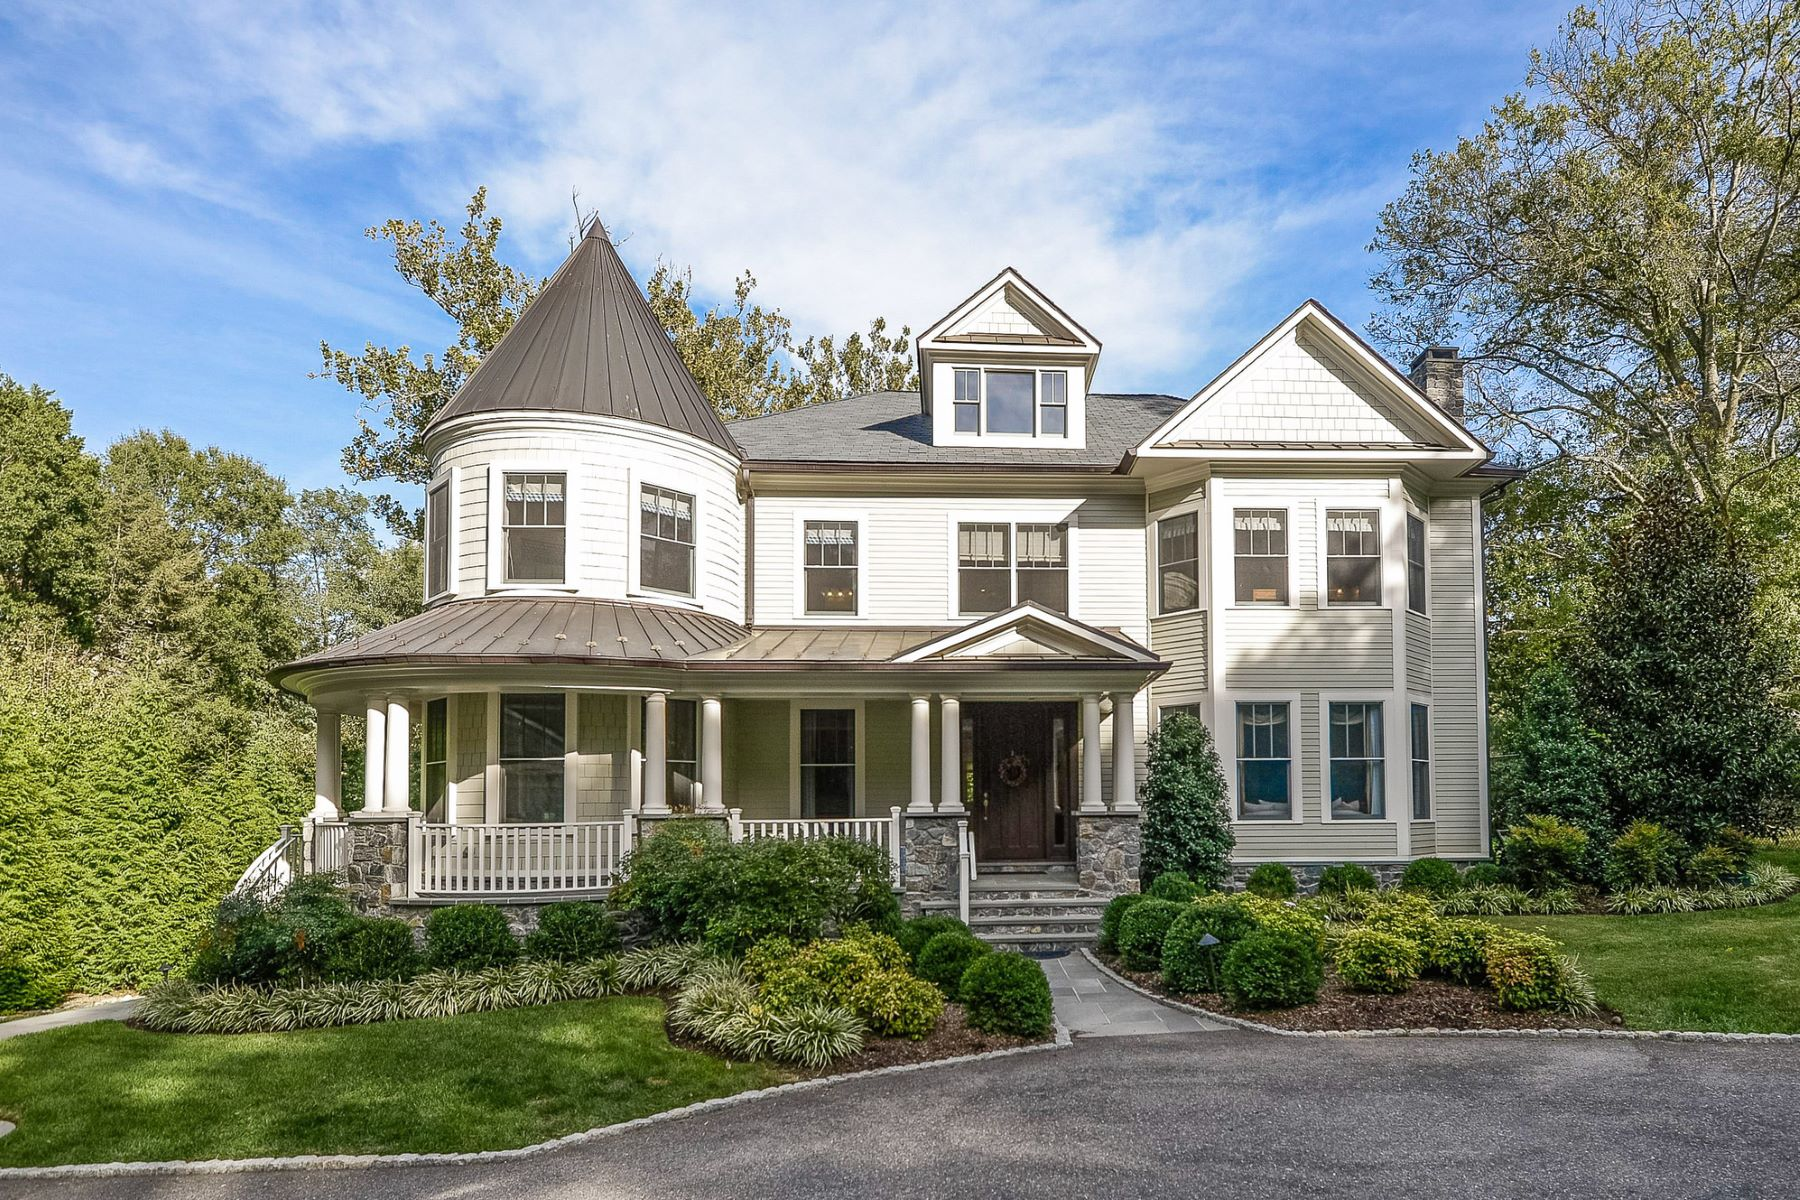 Μονοκατοικία για την Πώληση στο 833 Herbert Springs Road, Alexandria 833 Herbert Springs Rd Alexandria, Βιρτζινια 22308 Ηνωμενεσ Πολιτειεσ